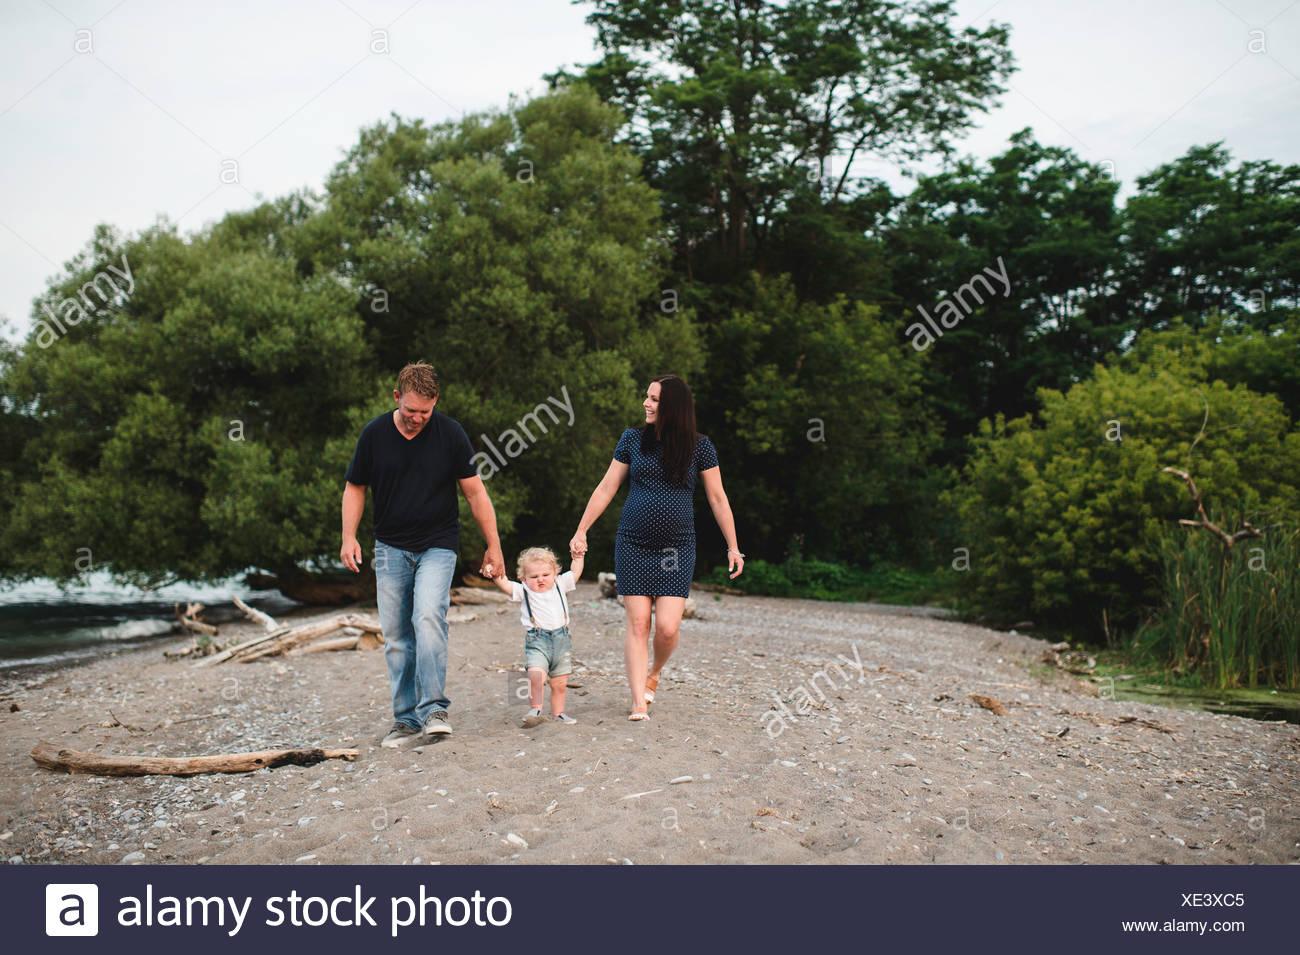 Schwangeren Paare schlendern am Strand mit männlichen Toddlersohn, Lake Ontario, Kanada Stockbild